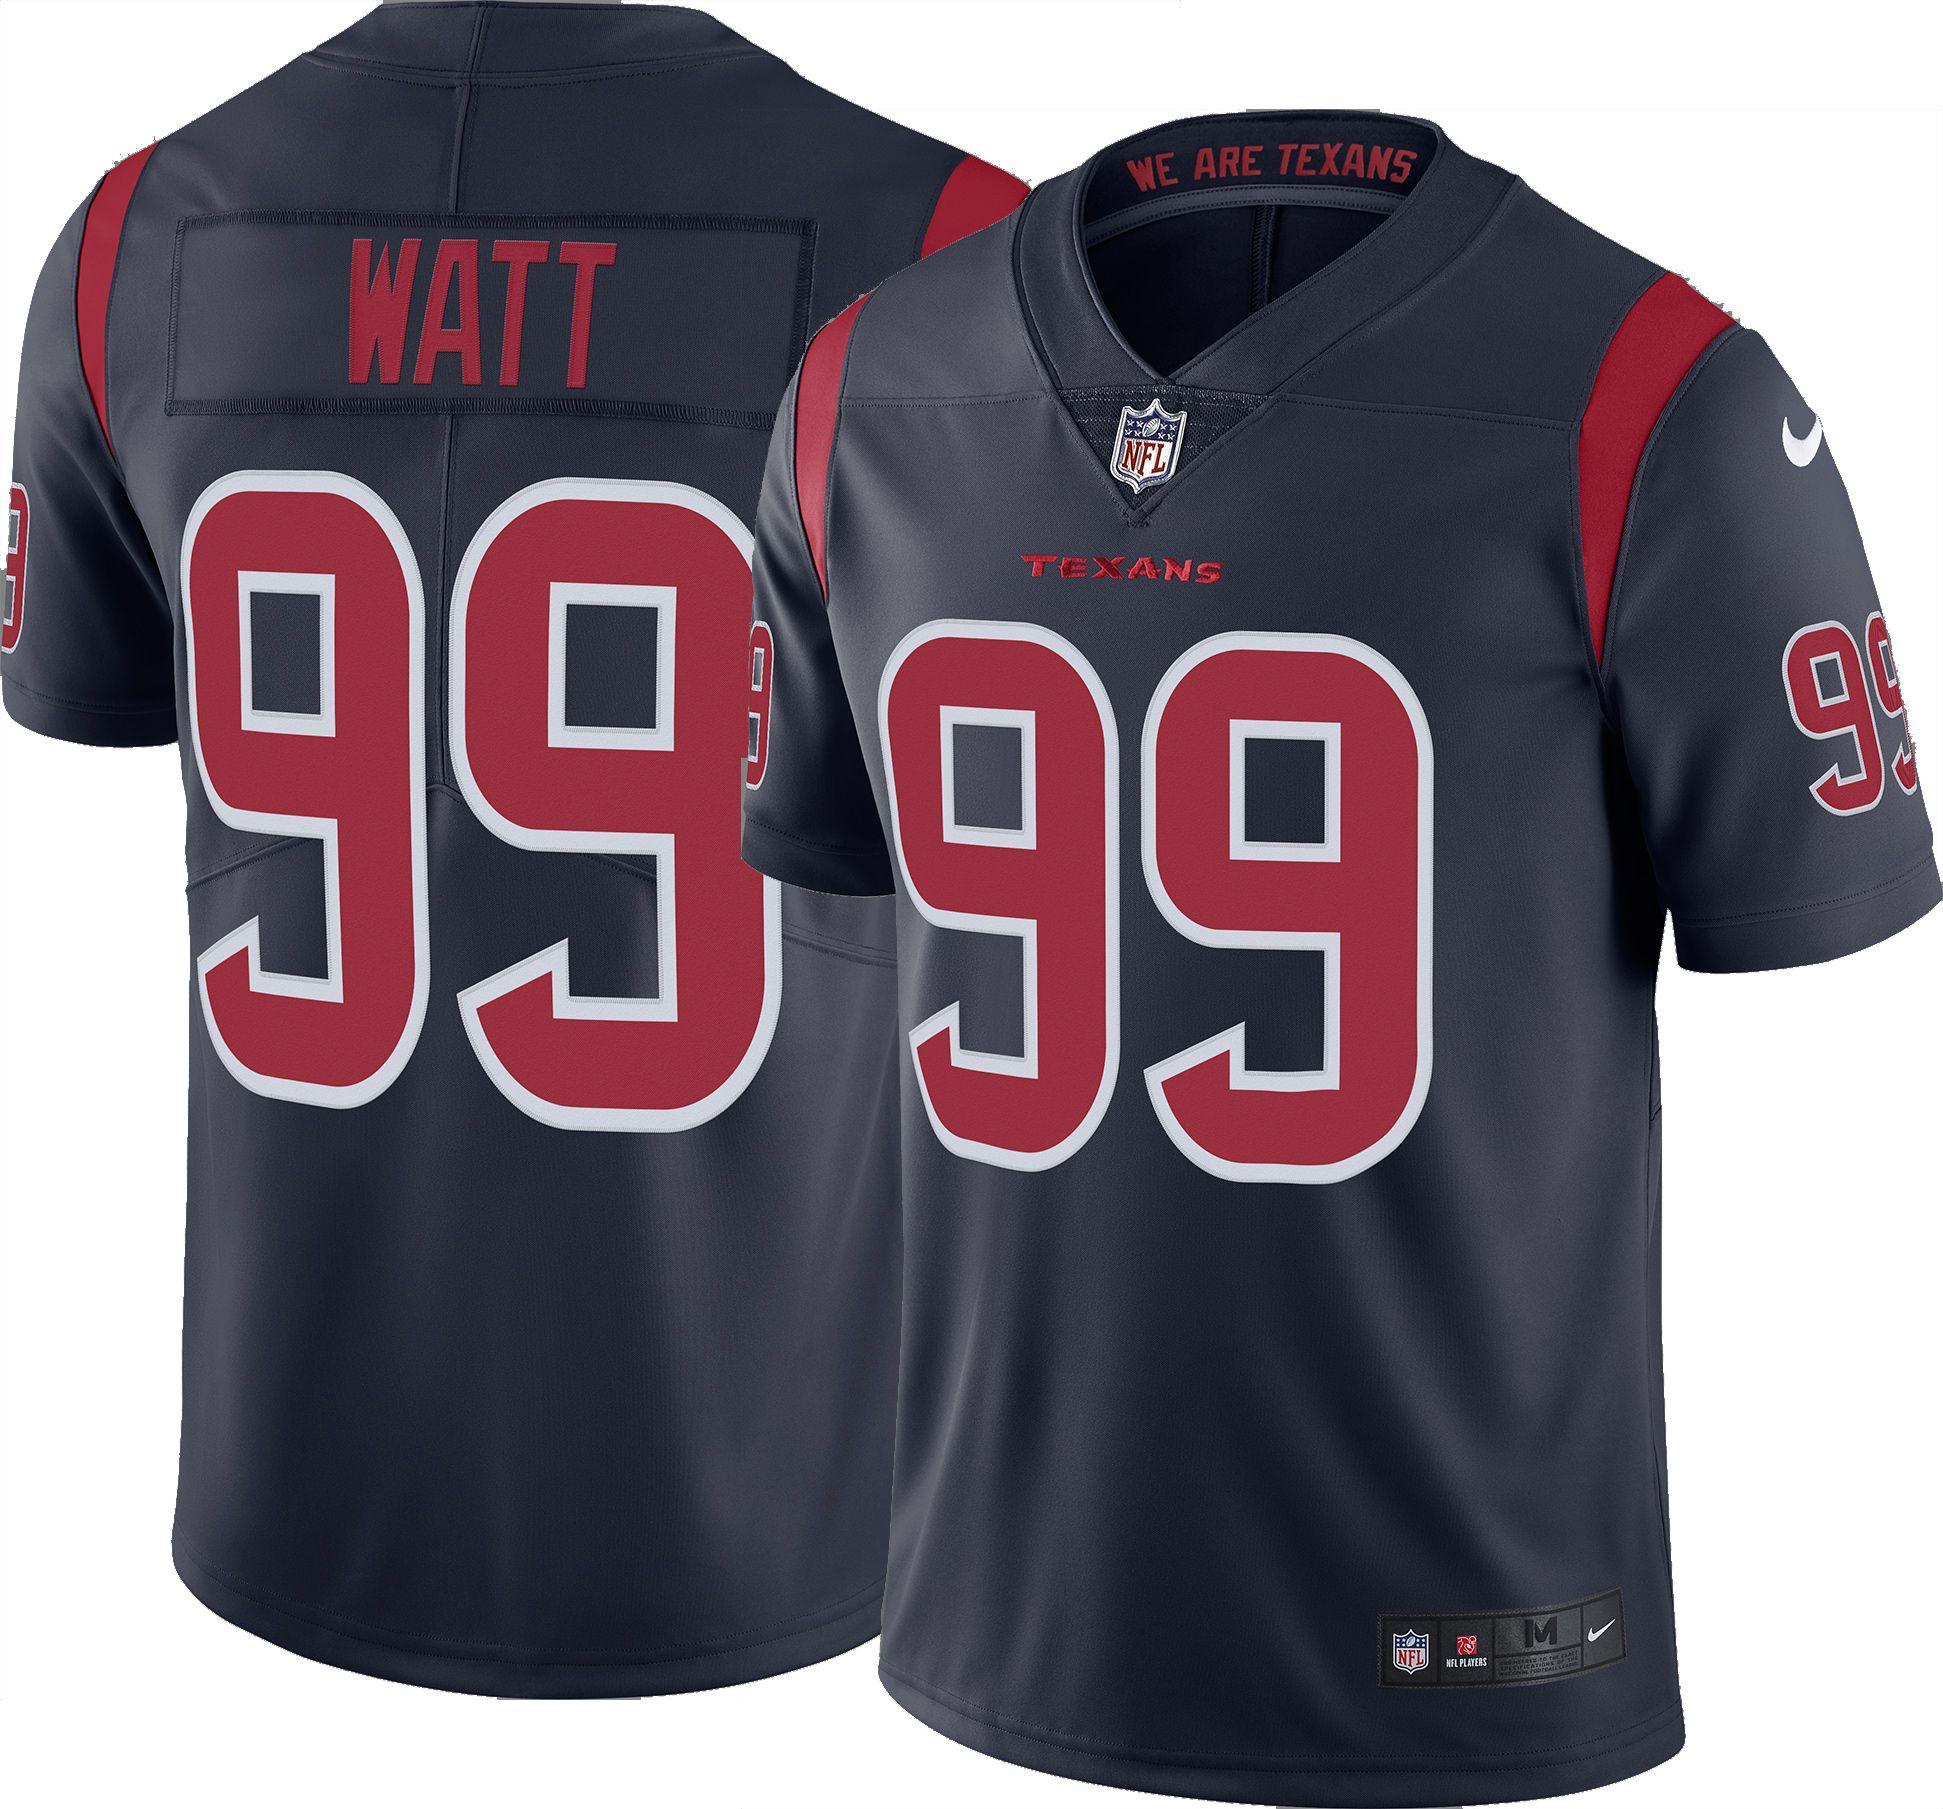 jj watt limited jersey